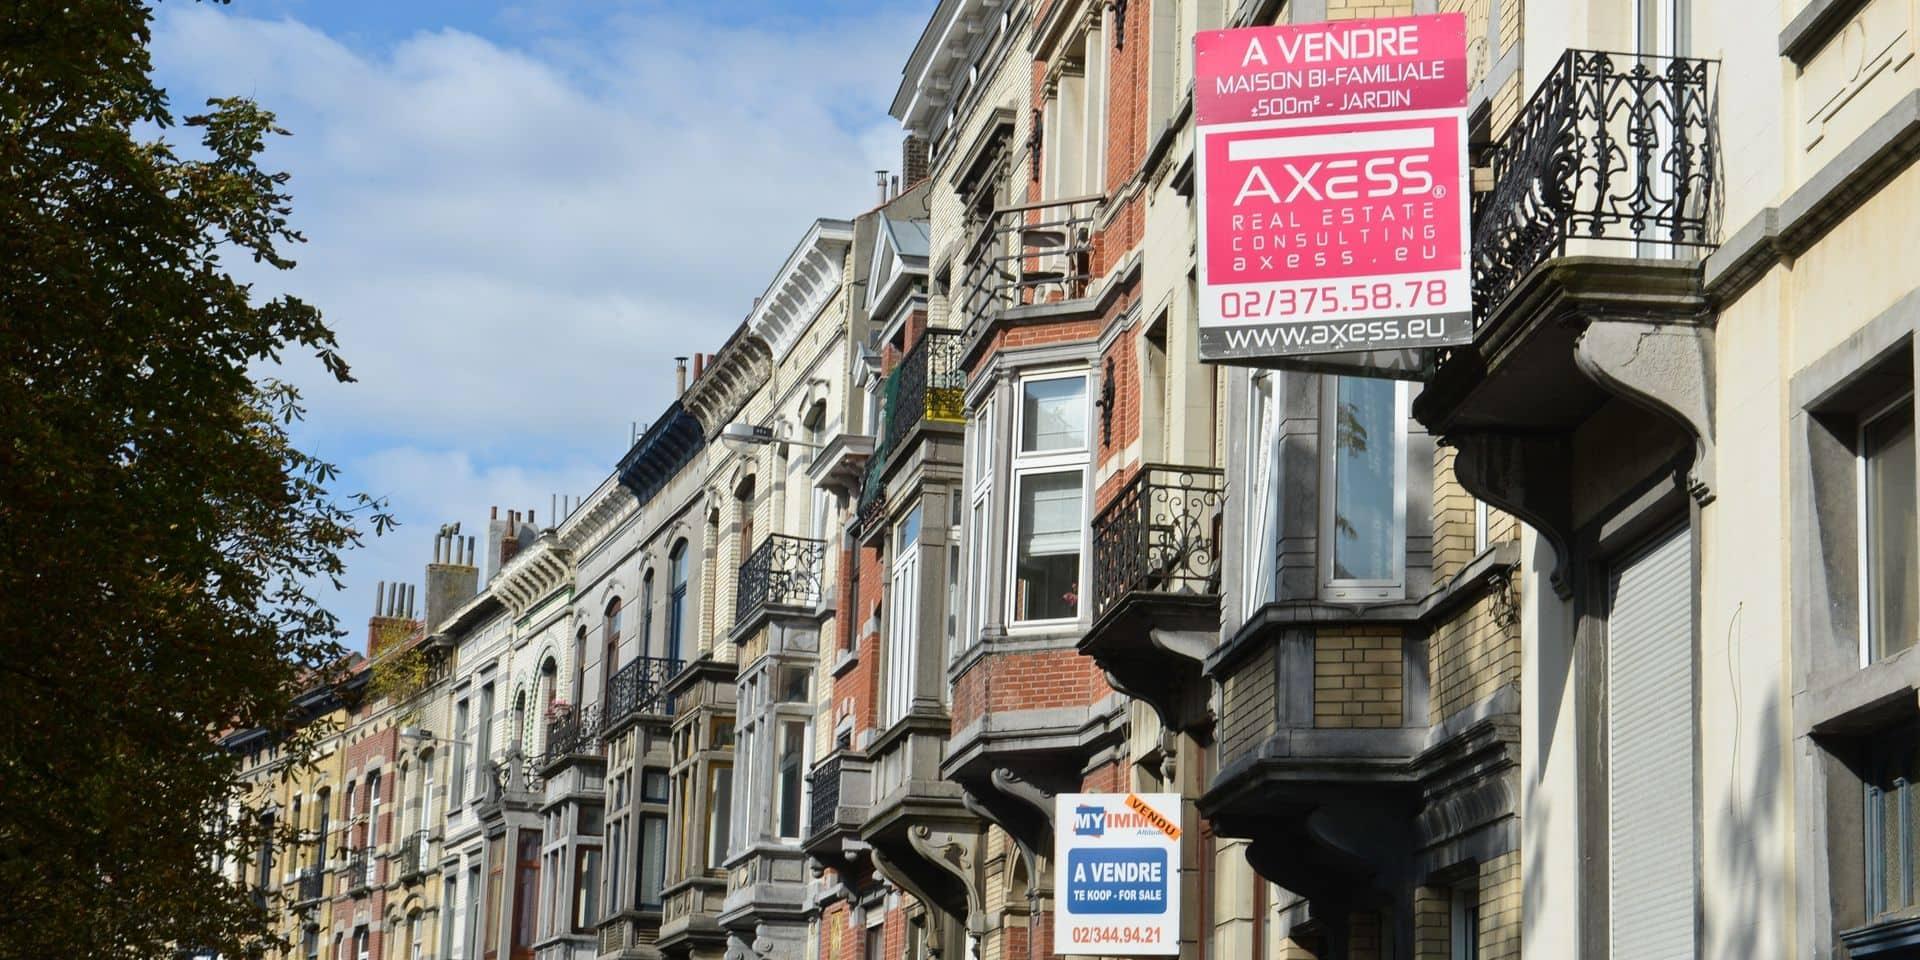 Moins de 160.000 euros pour une maison dans le Hainaut, plus de 250.000 euros pour un appartement à Bruxelles